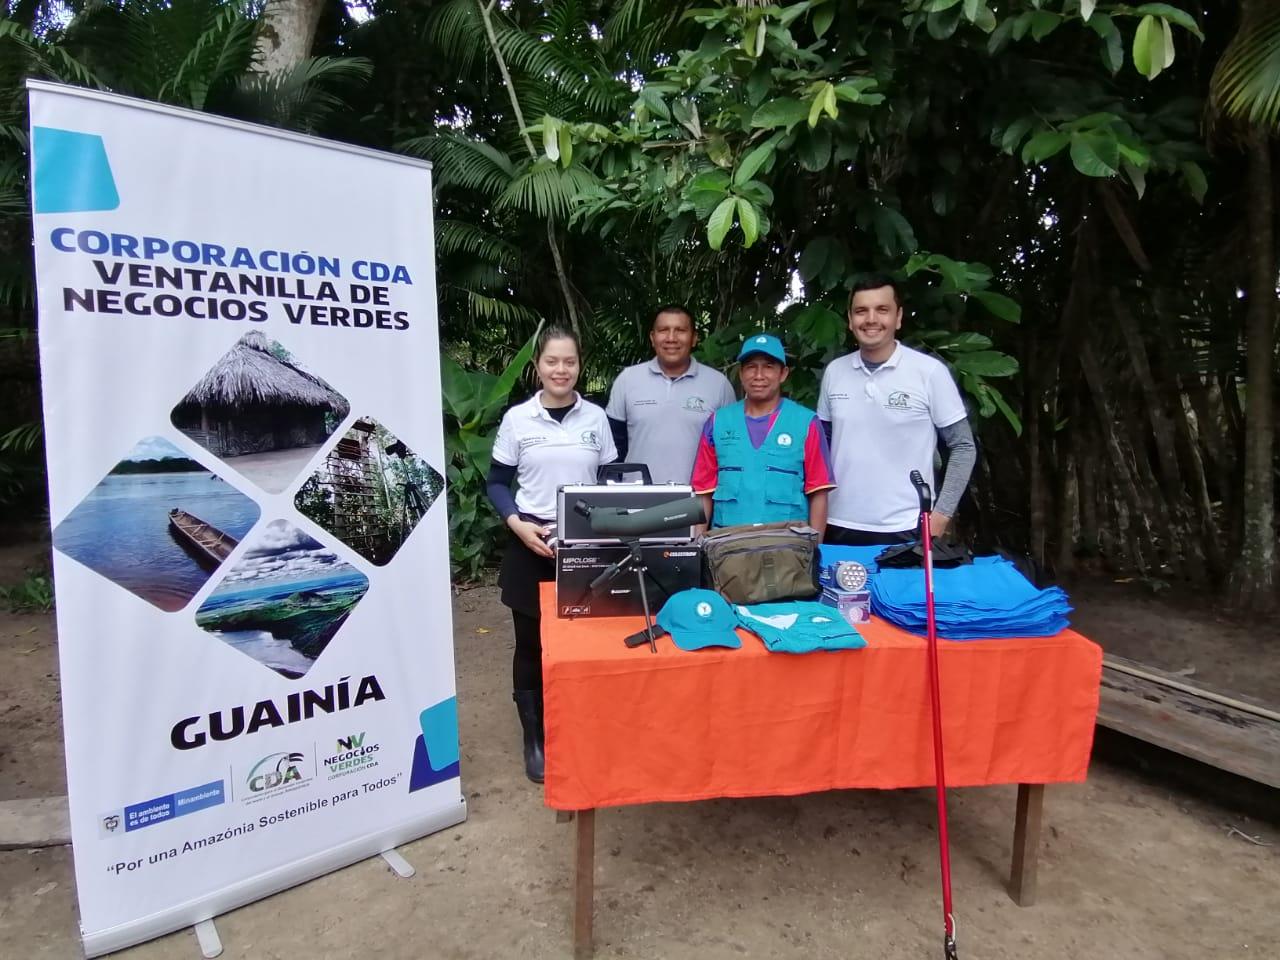 imagen alusiva a  La Corporación CDA realiza entregas de fortalecimientos a Negocios Verdes del Guainía